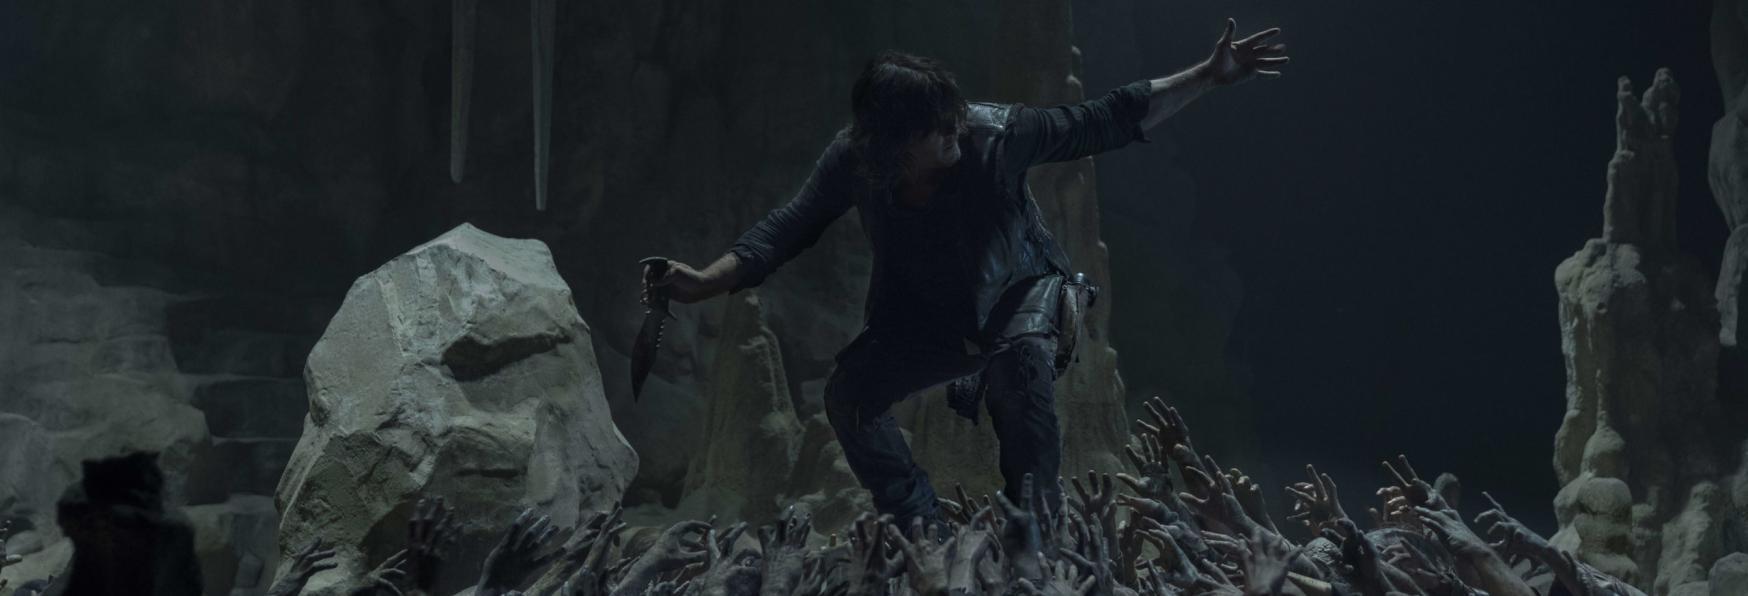 """The Walking Dead 11: sarà una Stagione Finale """"Veramente Brutale e Molto Dark"""""""